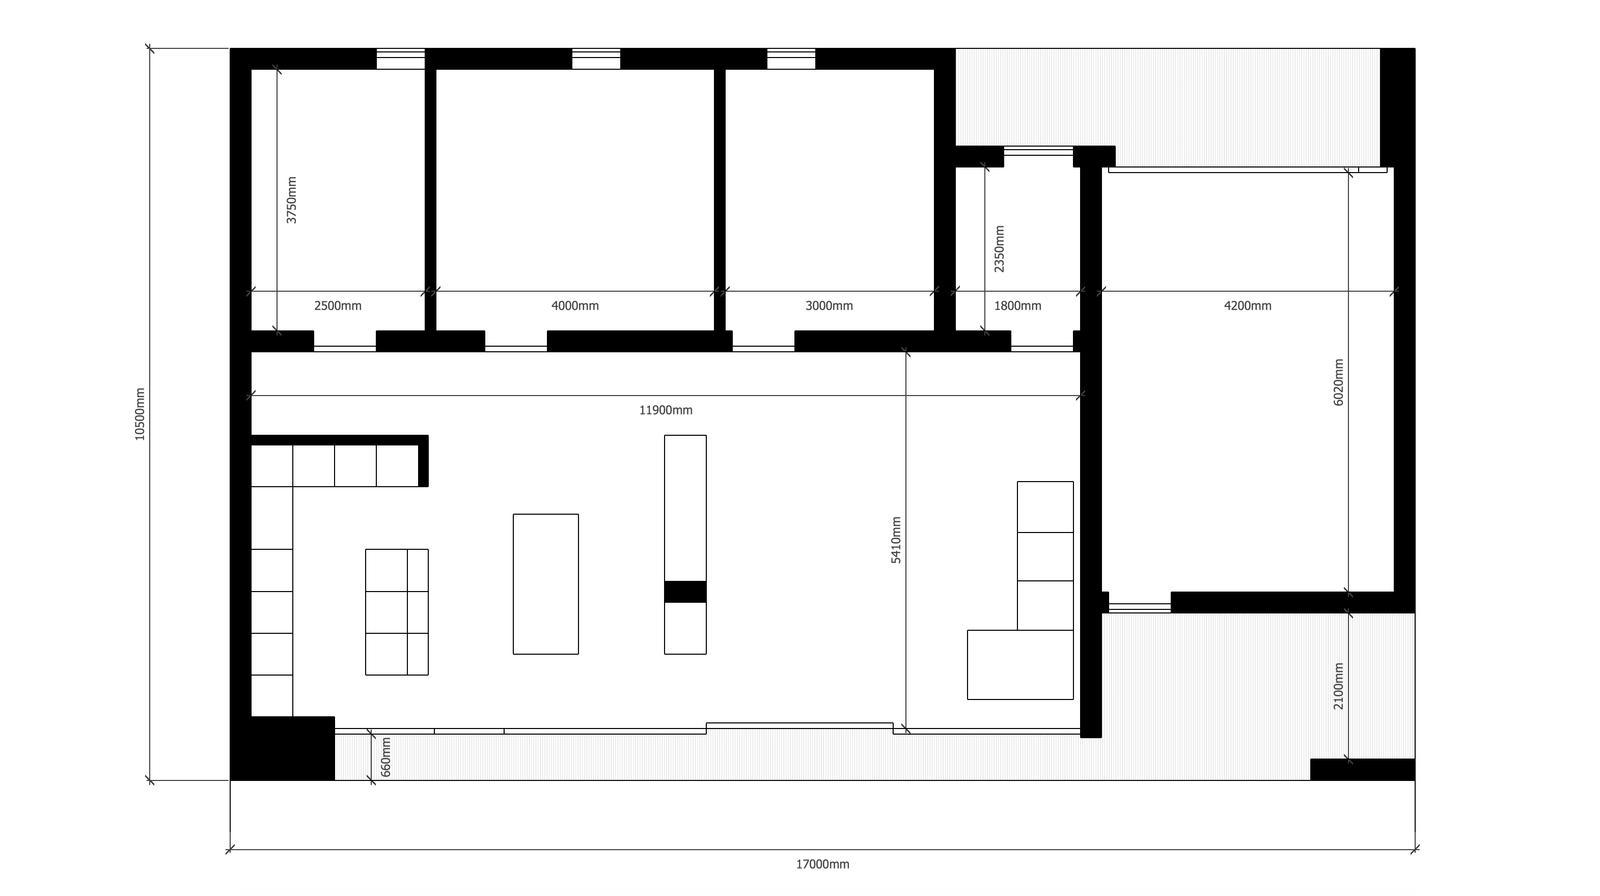 Dom vizualizacia - Obrázok č. 21